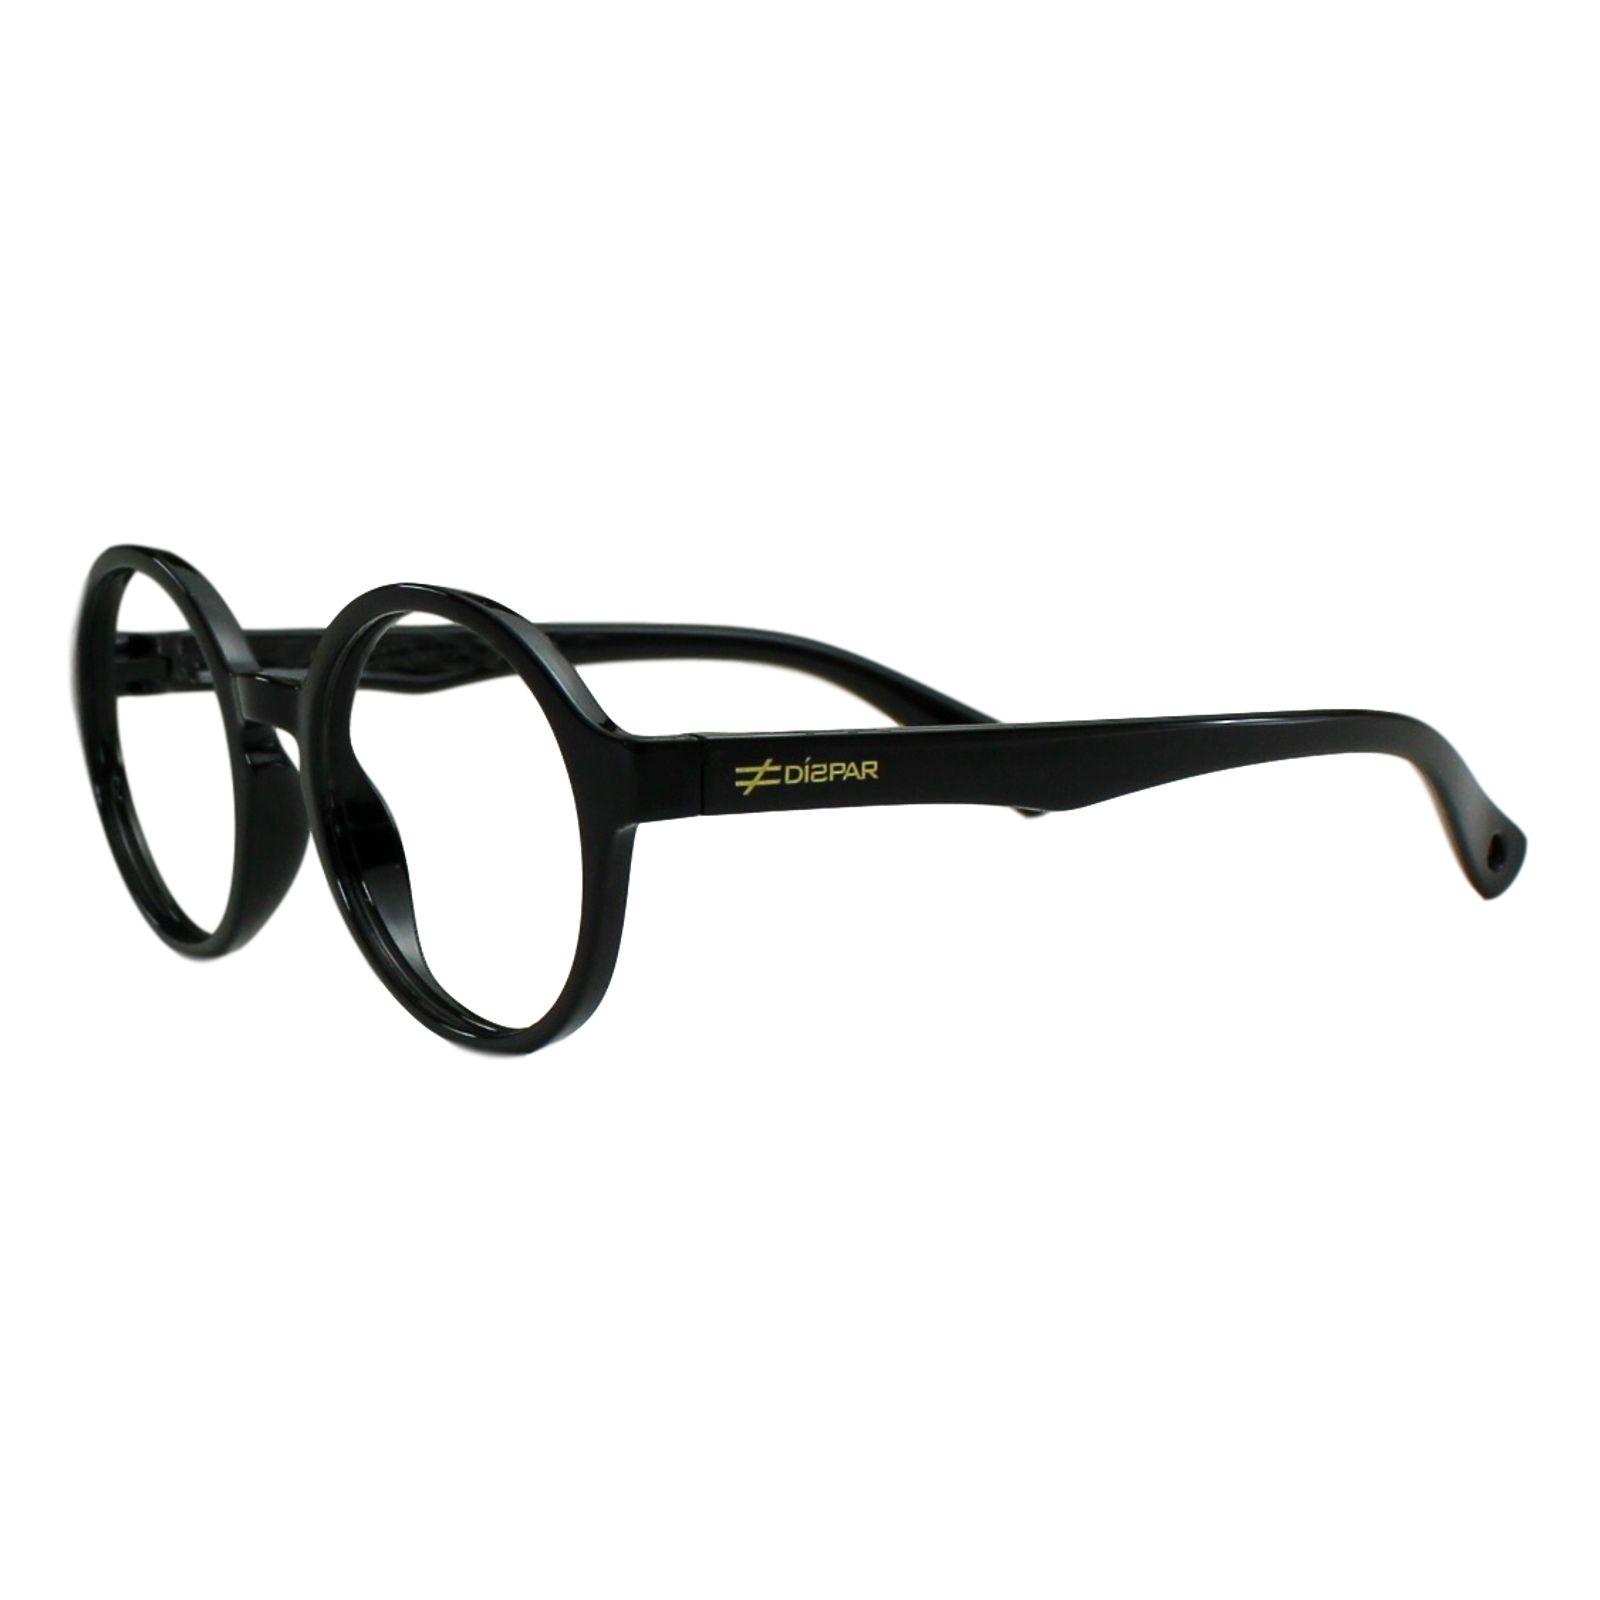 Armação para Óculos Díspar ID1959 infantil Flexível Idade 6 a 9 anos - Preto 76ca6d574a